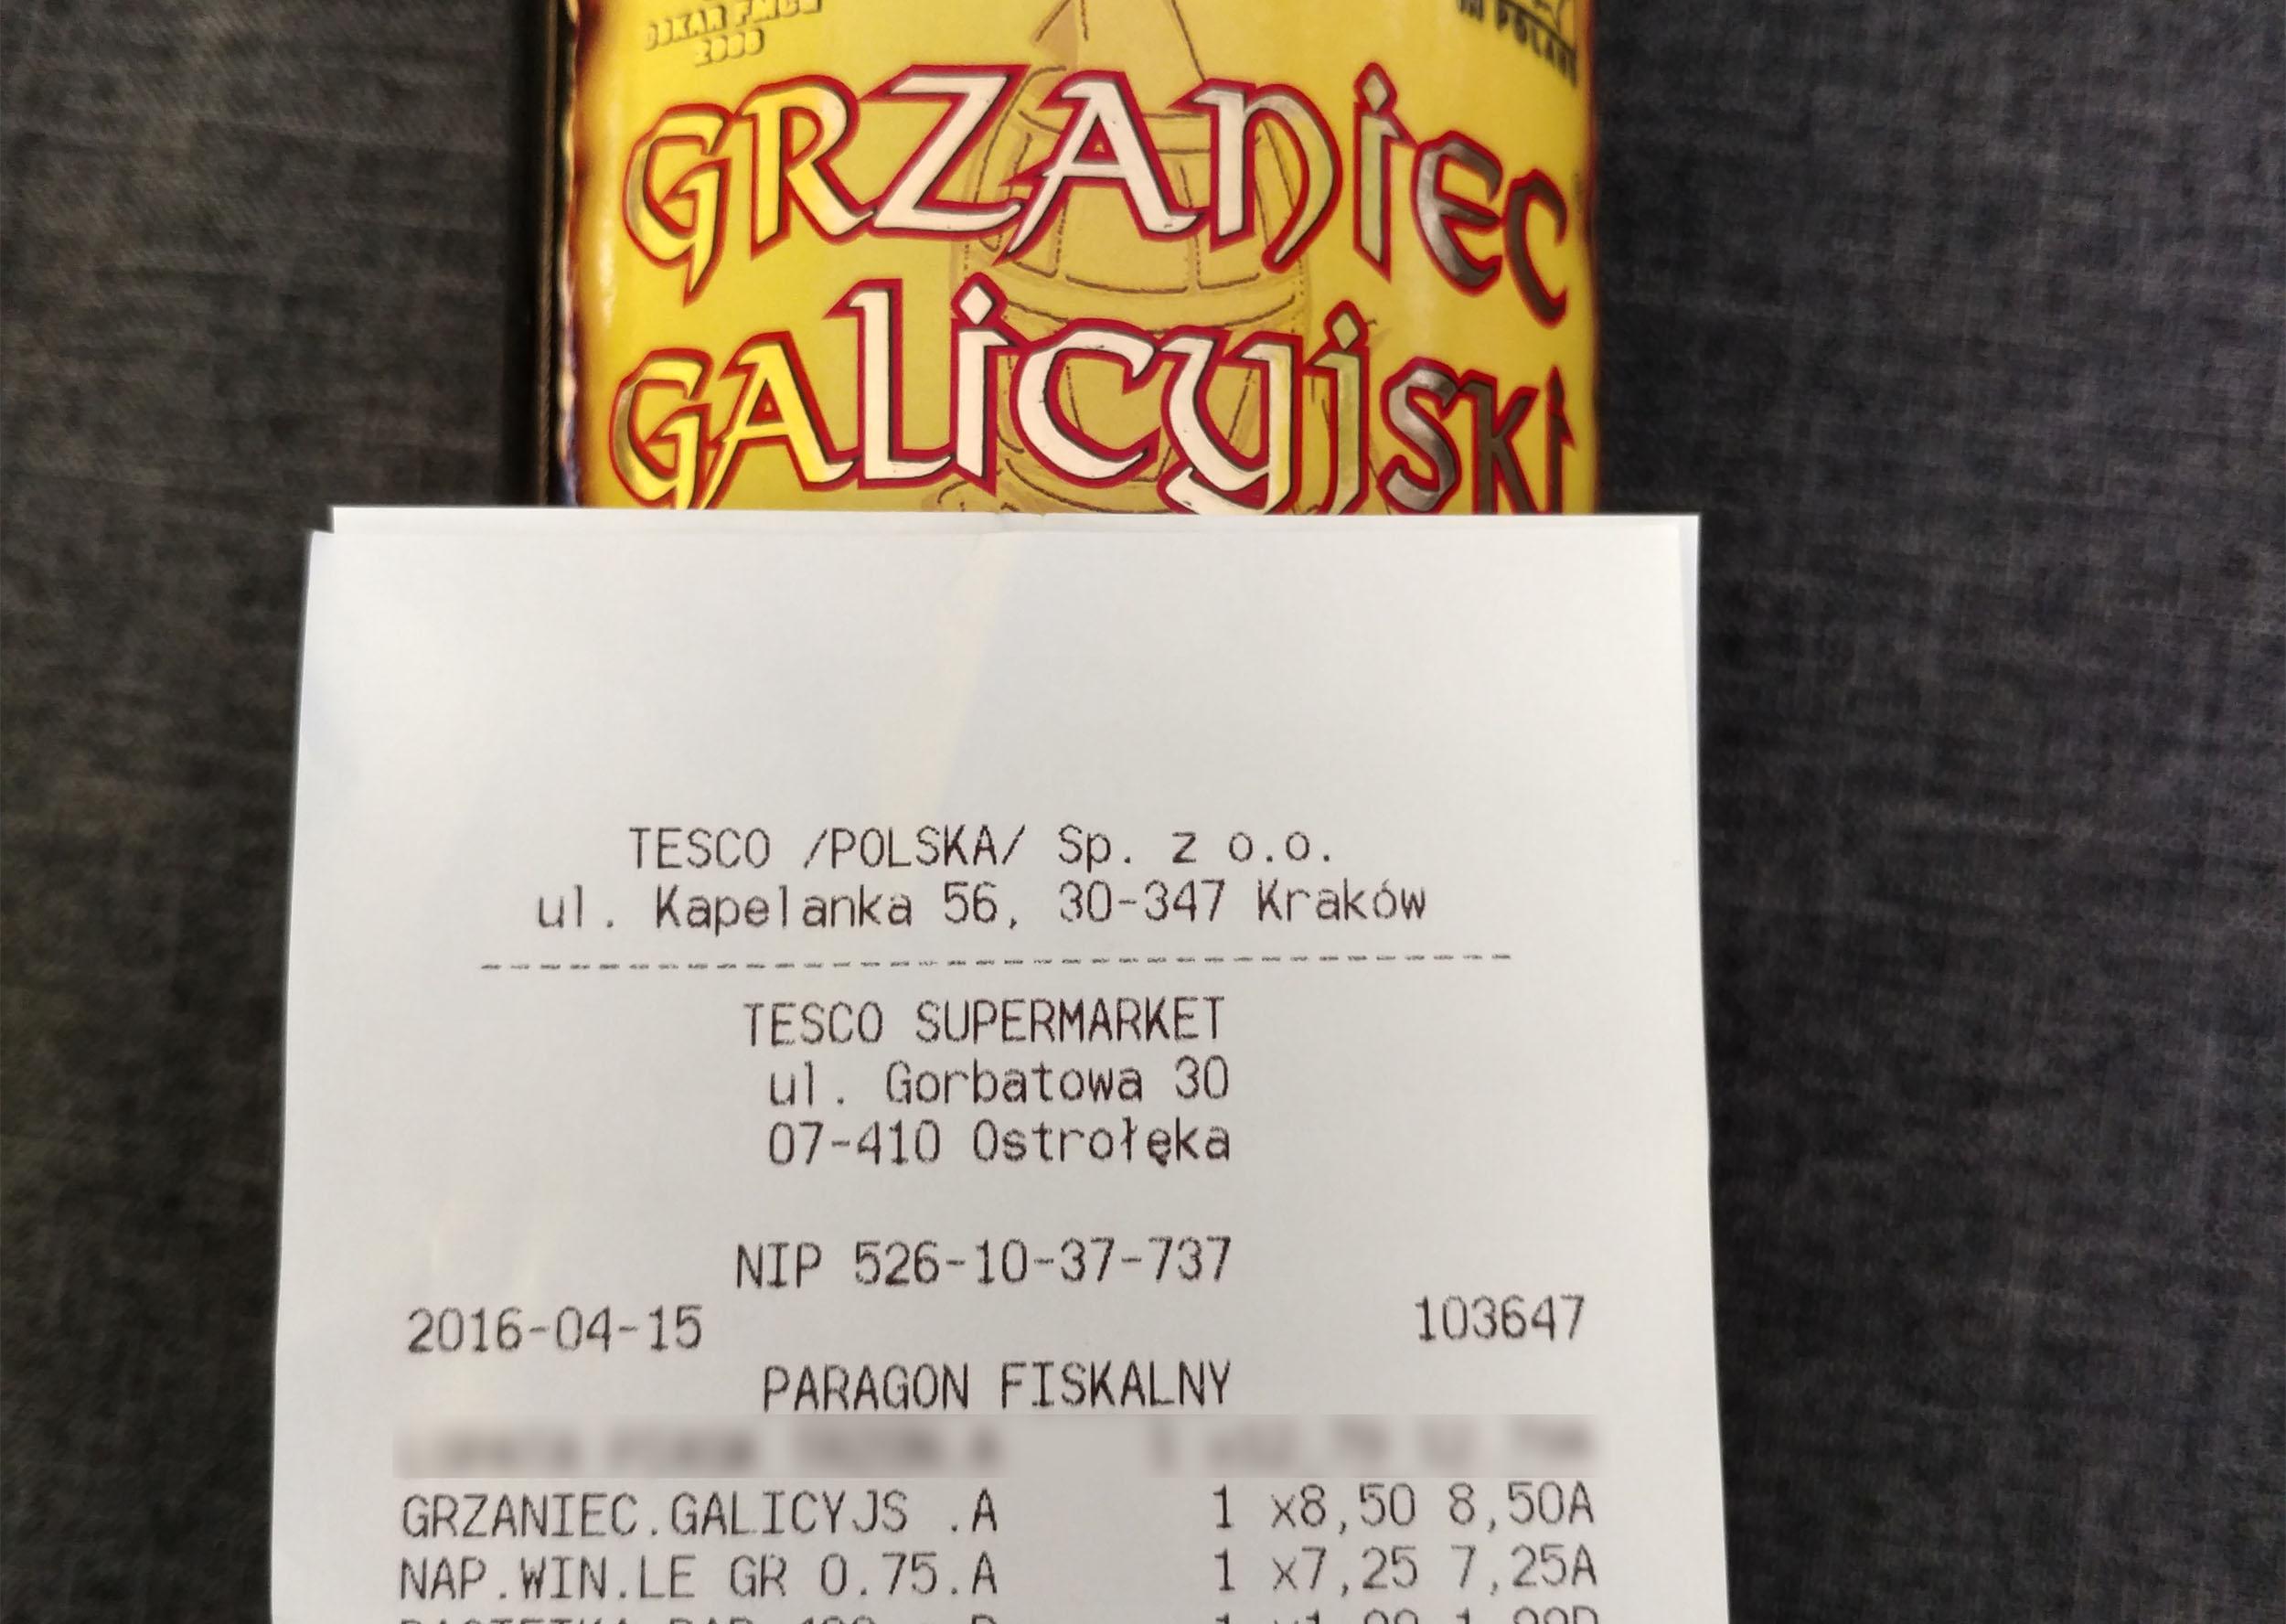 Grzaniec Galicyjski 1L za 8,50zł, Letien Grejpfrut 0,75l za 7,50zł @ Tesco